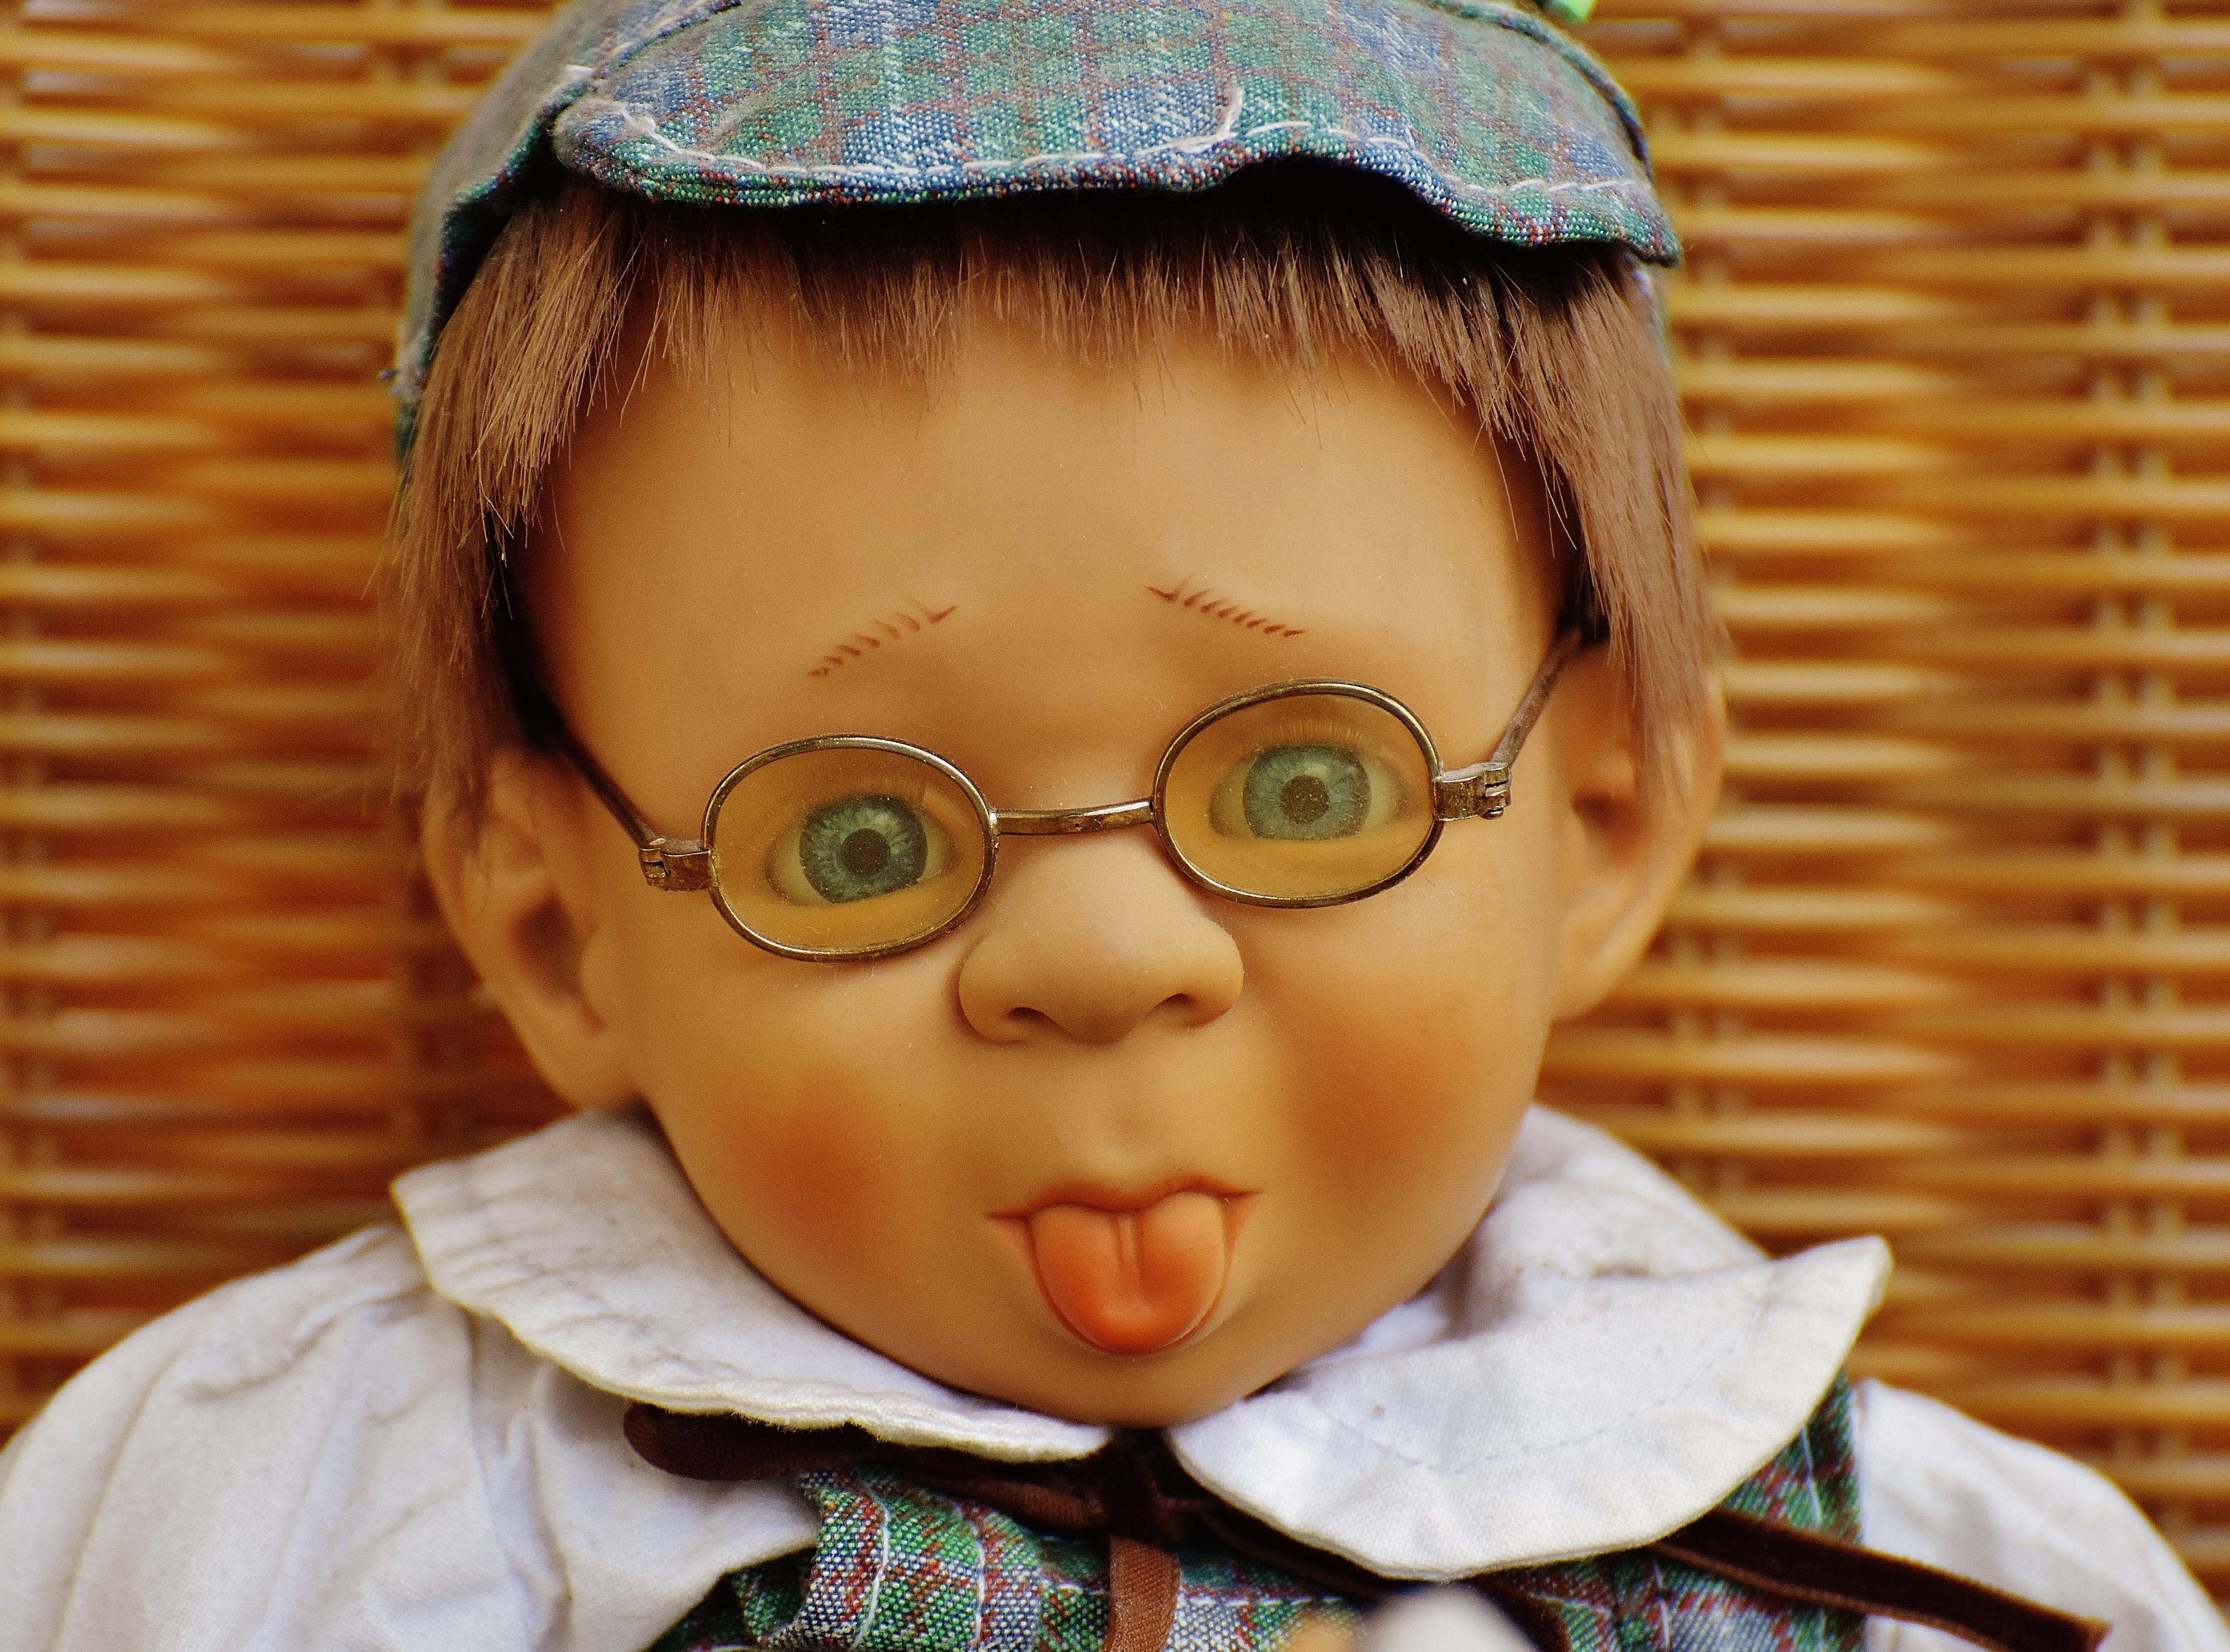 bebek, çocuk, çocuklar, çok sevimli içeren Ücretsiz stok fotoğraf